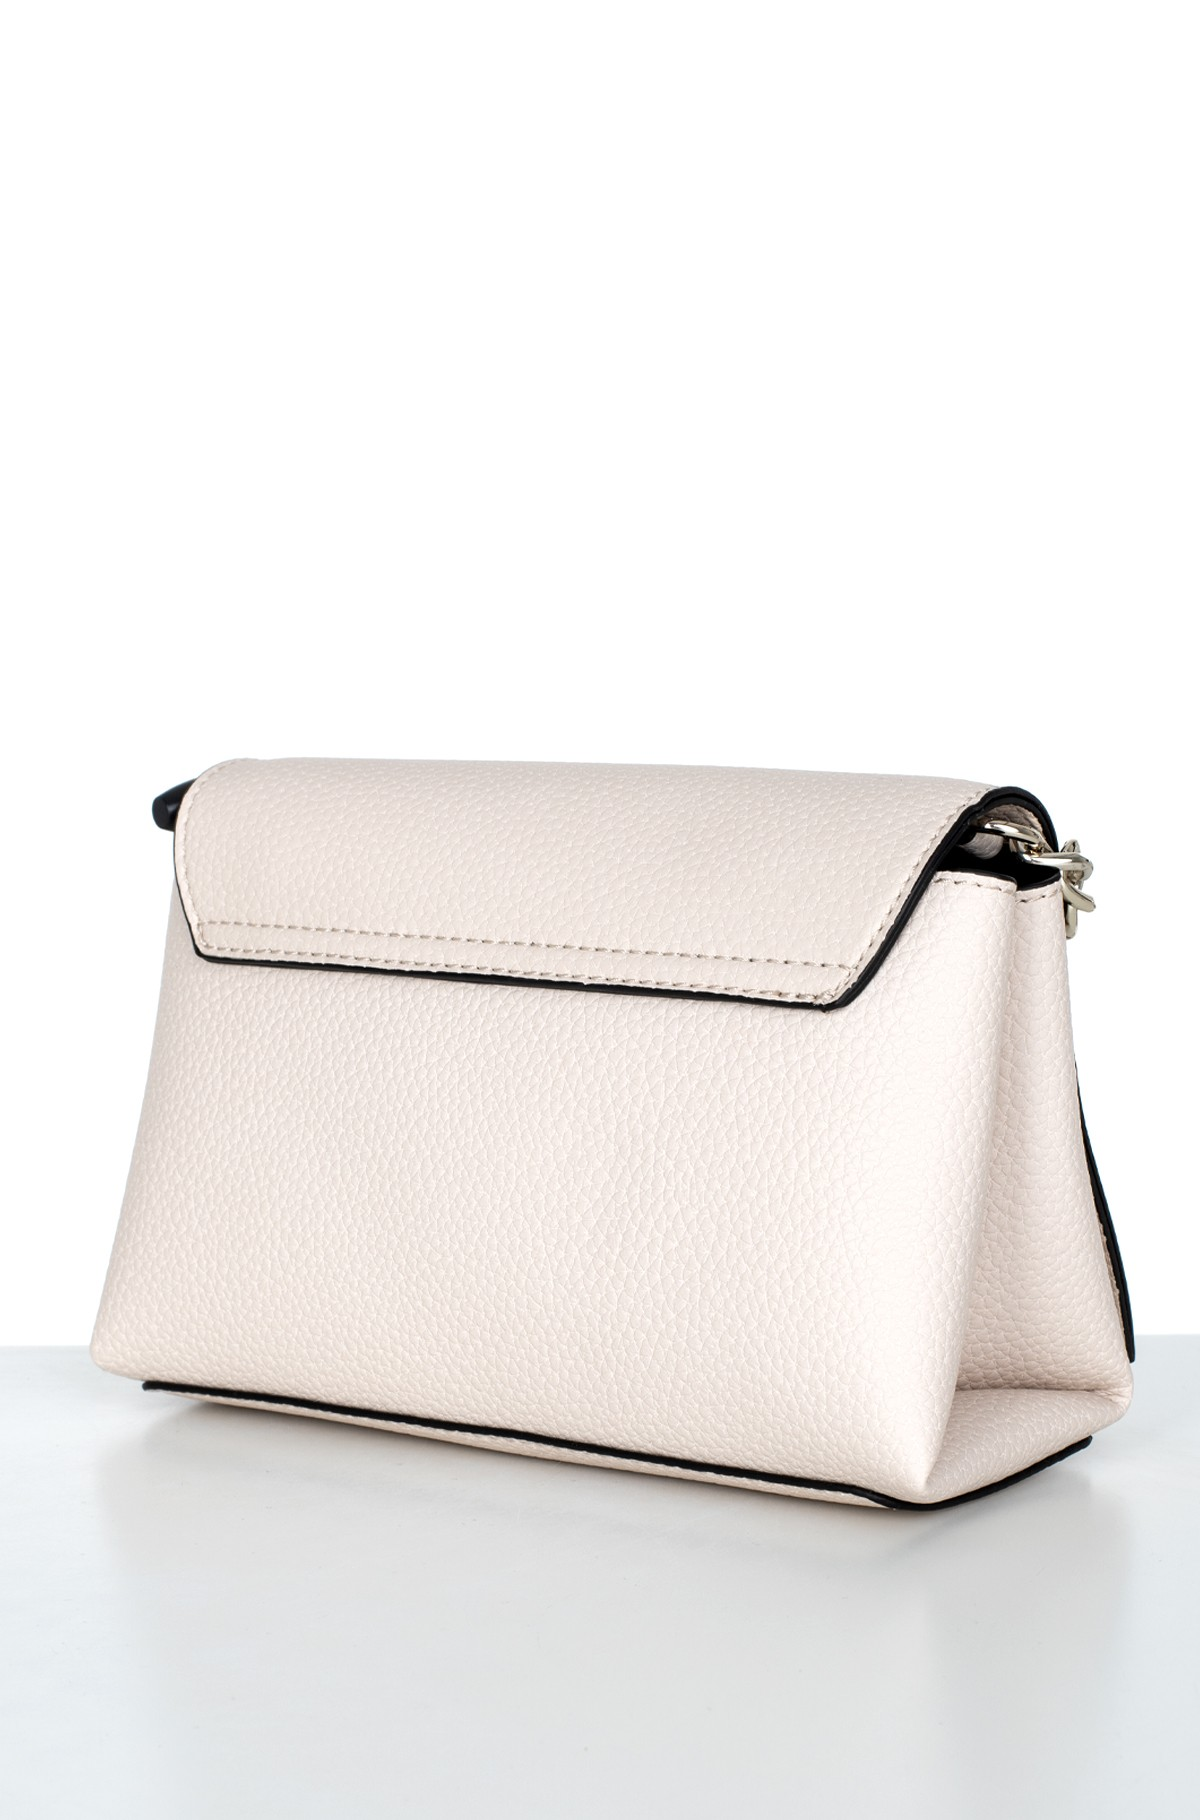 Shoulder bag HWVG73 01780-full-3